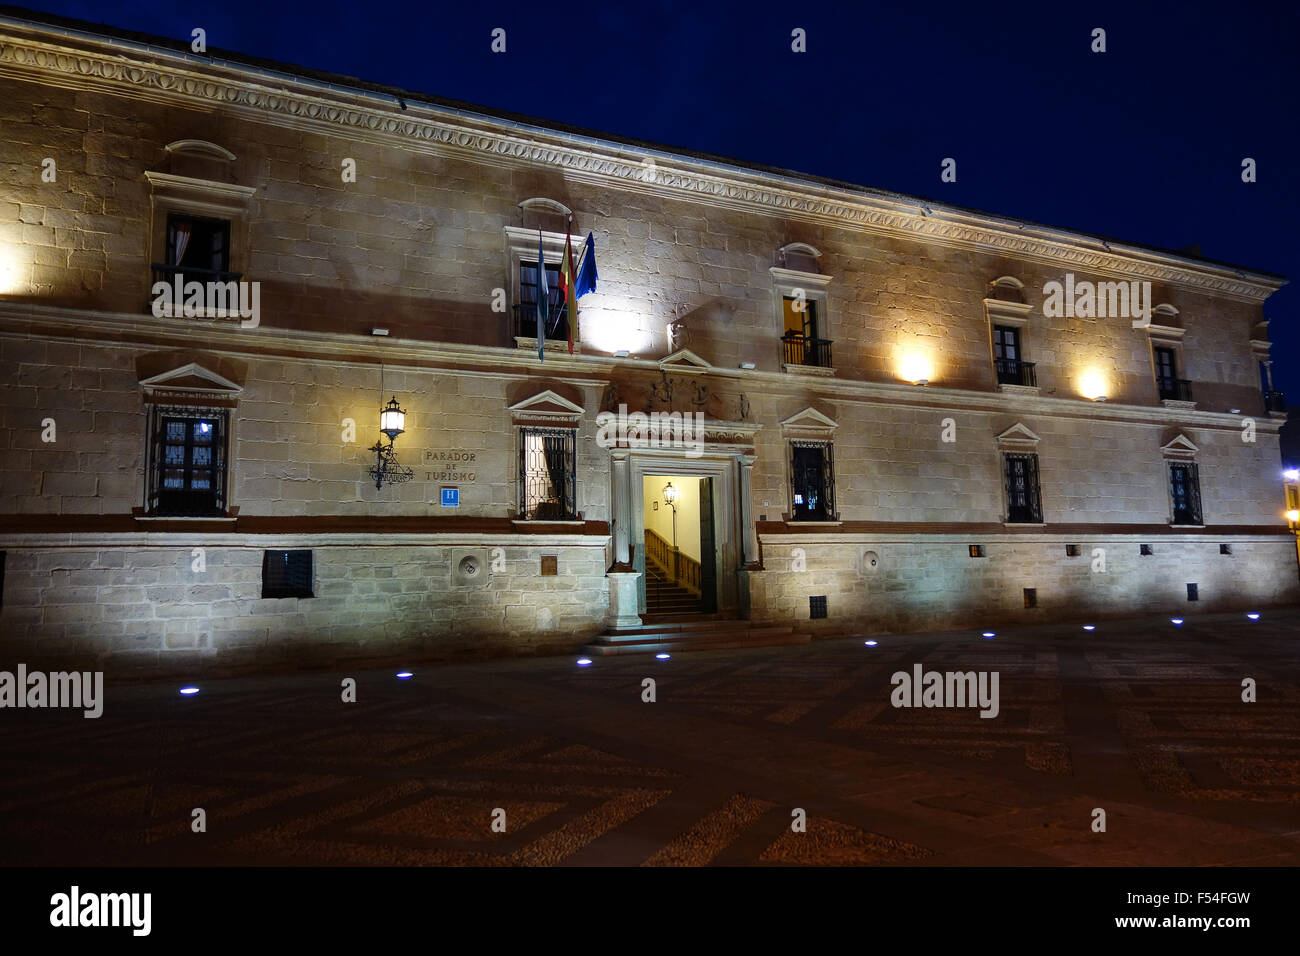 Il Parador de Turismo a Ubeda in Andalusia Spagna Immagini Stock